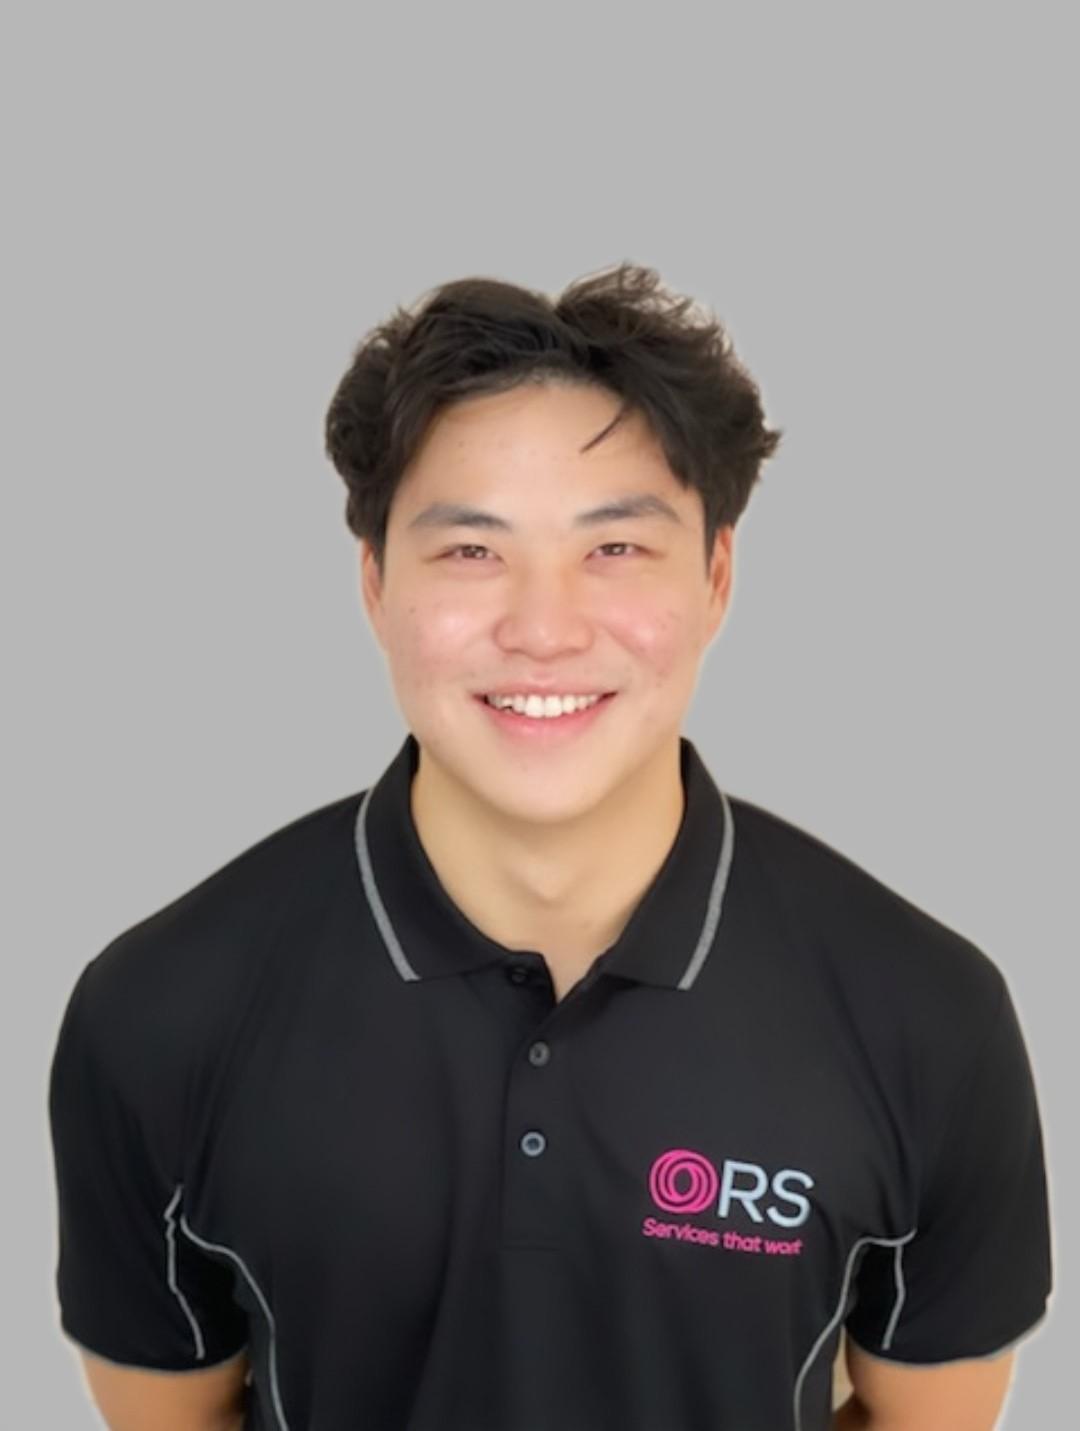 Kevin Phang, Fyshwick, ACT